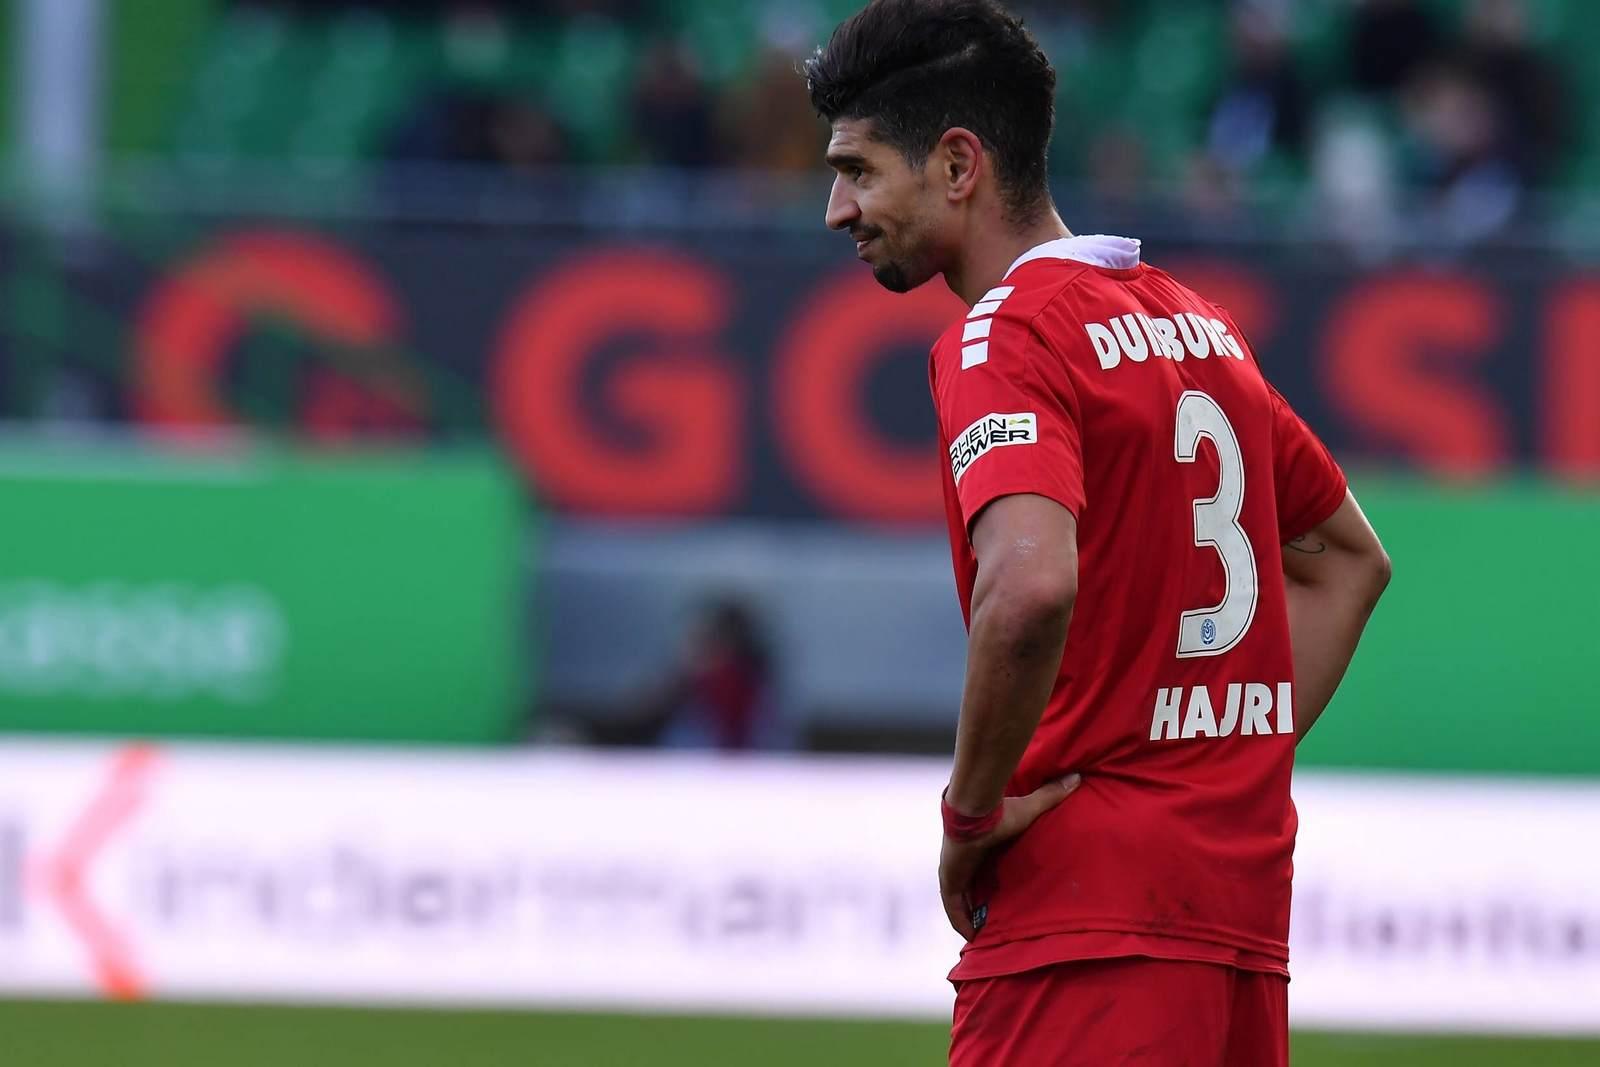 Enis Hajri nach seiner roten Karte gegen Greuther Fürth